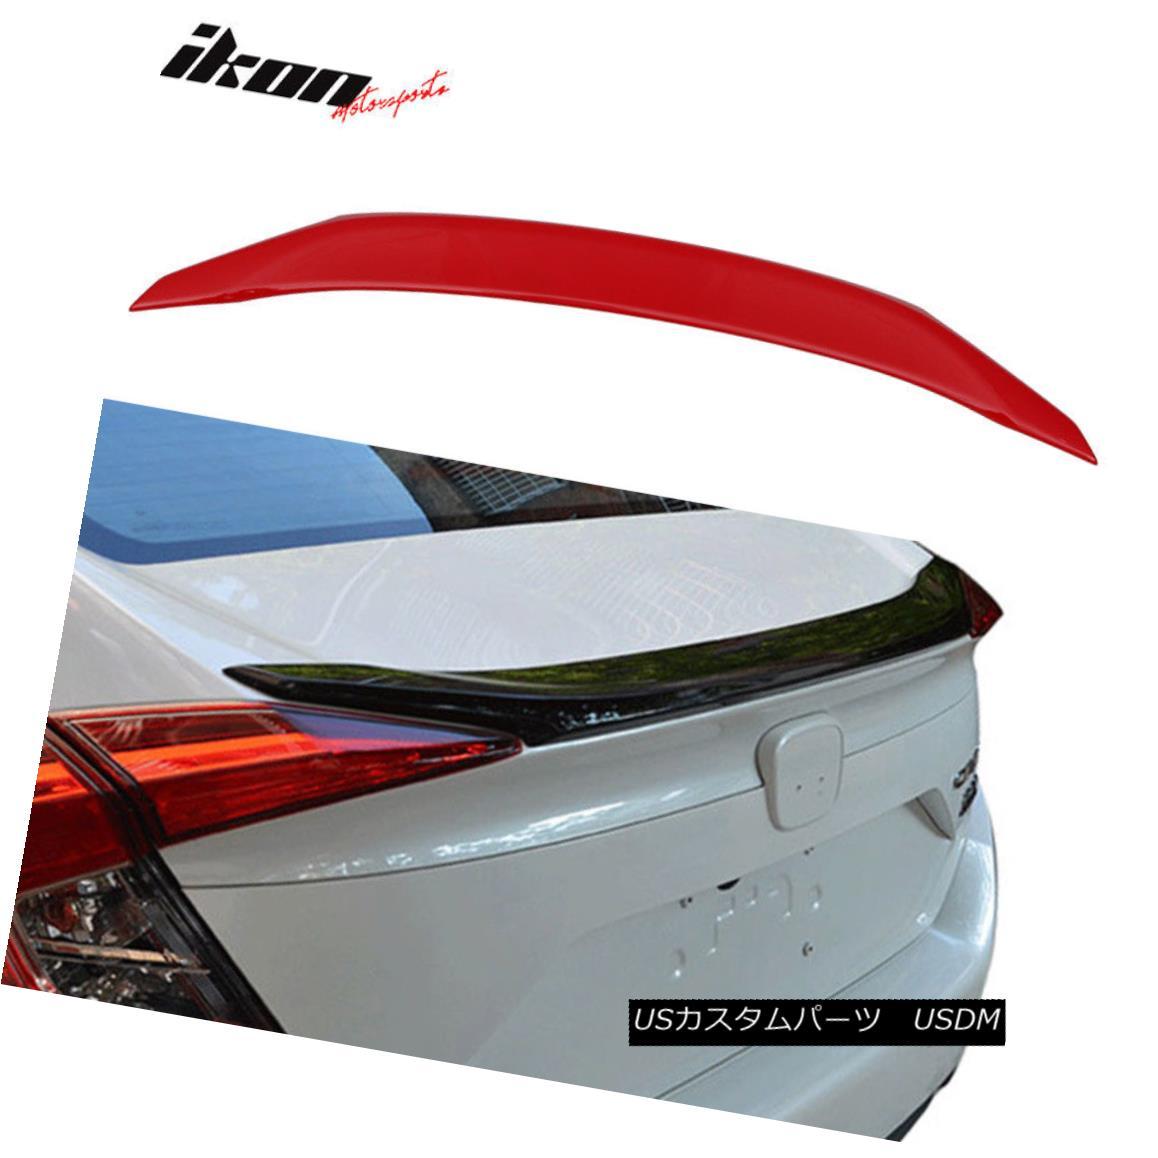 エアロパーツ 16-18 Honda Civic X Sedan 4Dr OE Trunk Spoiler Painted Rallye Red # R513 16-18ホンダシビックXセダン4Dr OEトランクスポイラーペイントラリーレッド#R513